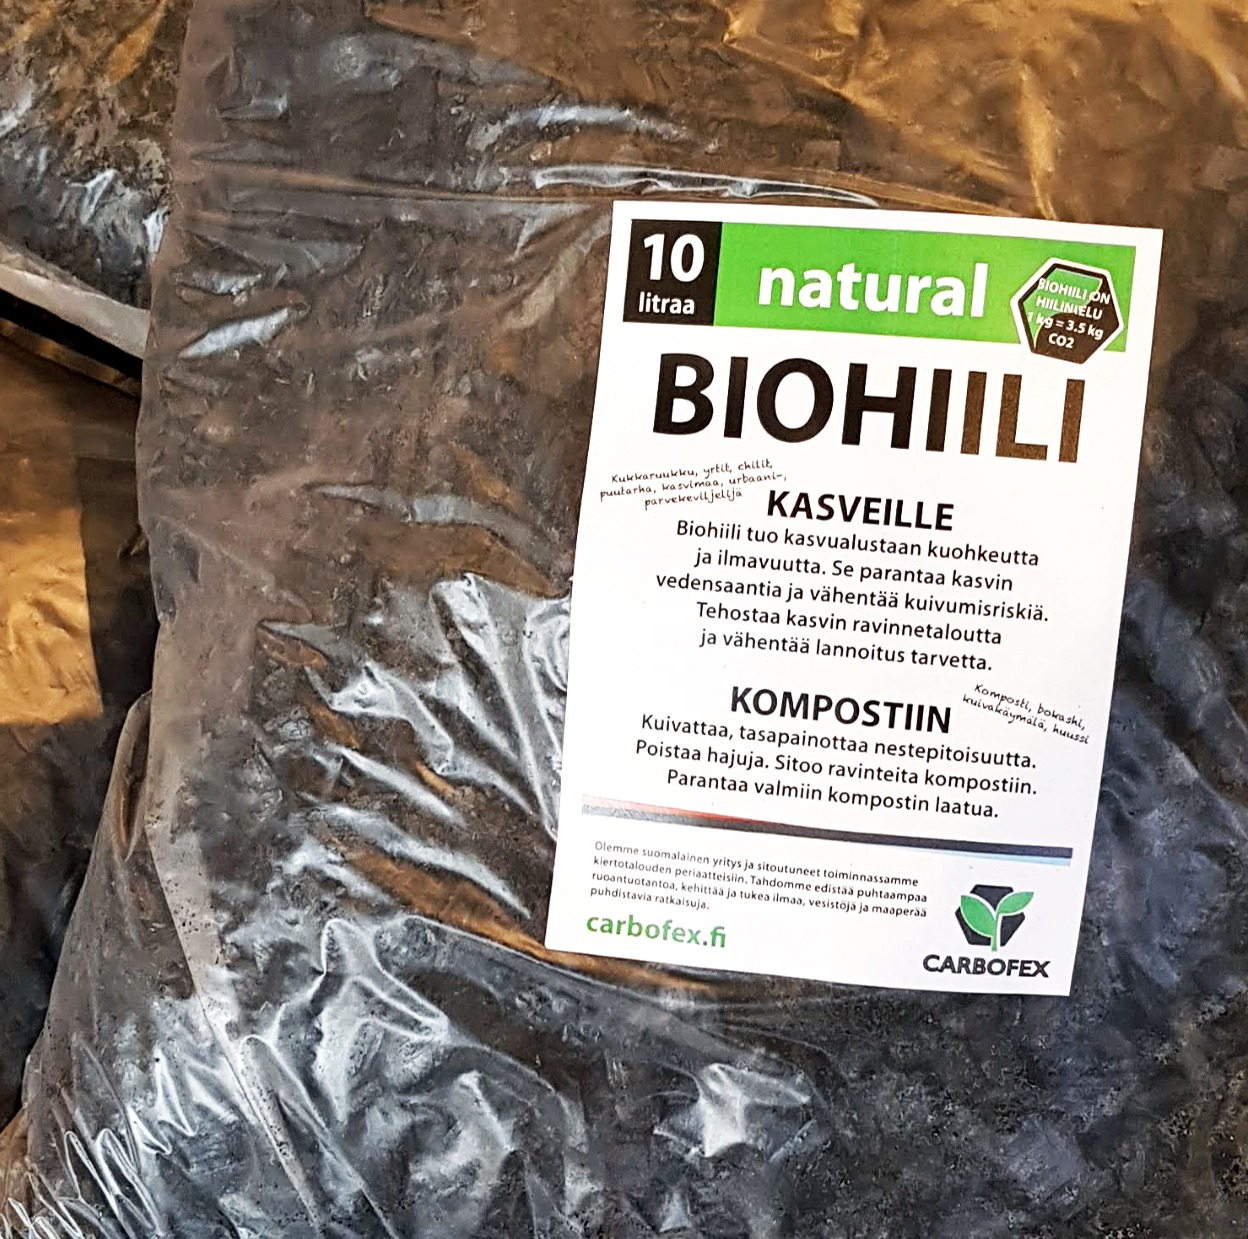 Biohiili natural 10 litraa